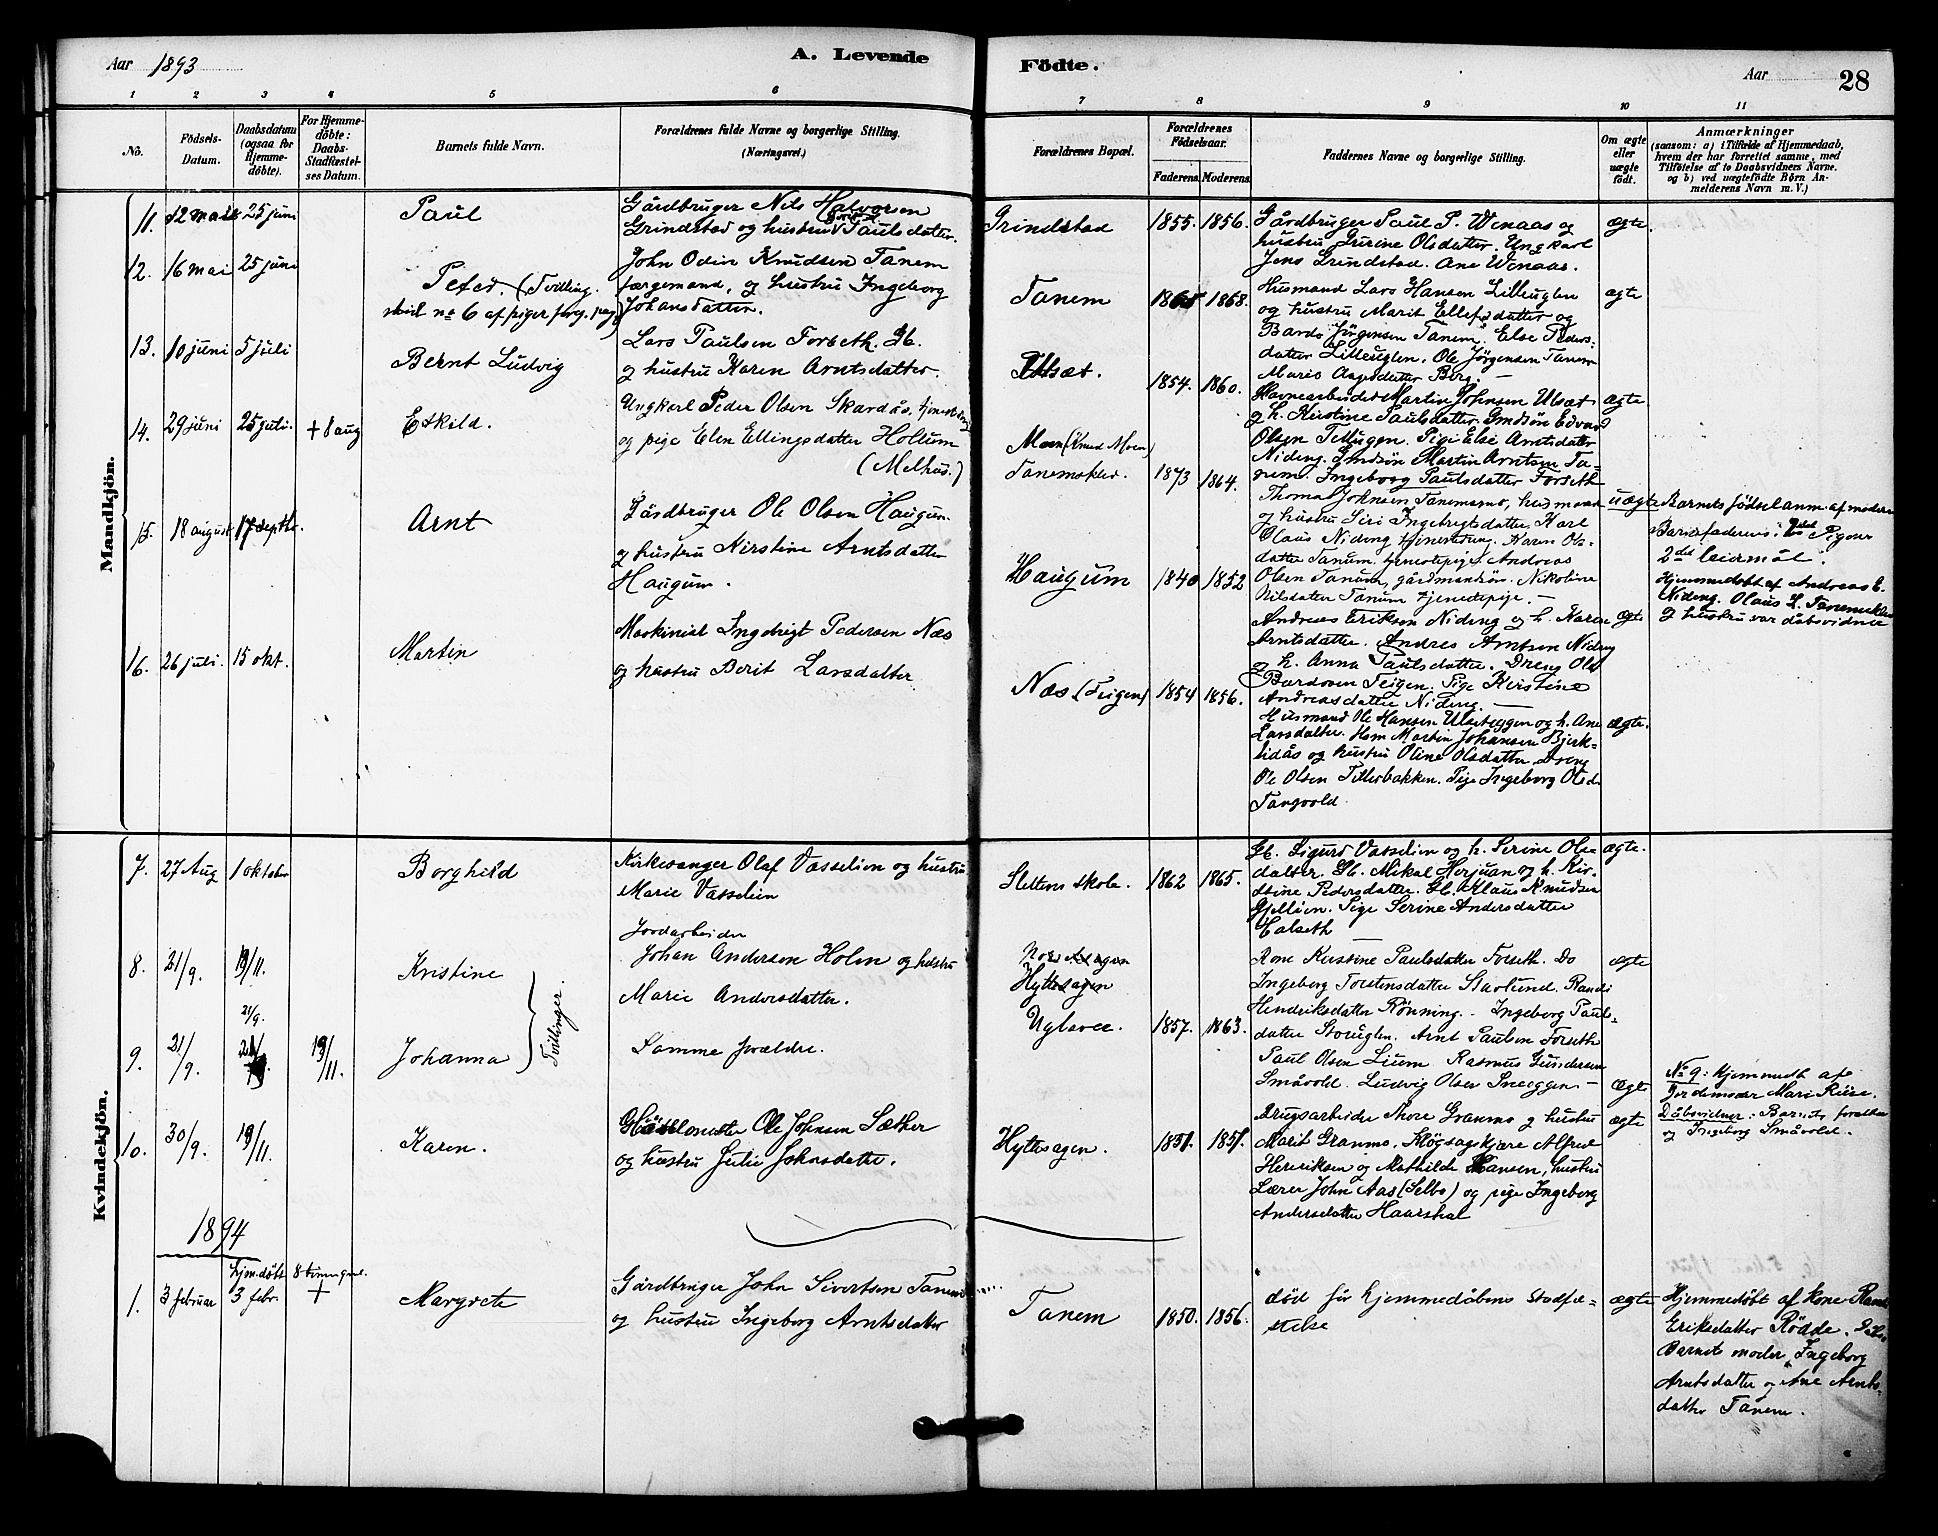 SAT, Ministerialprotokoller, klokkerbøker og fødselsregistre - Sør-Trøndelag, 618/L0444: Ministerialbok nr. 618A07, 1880-1898, s. 28